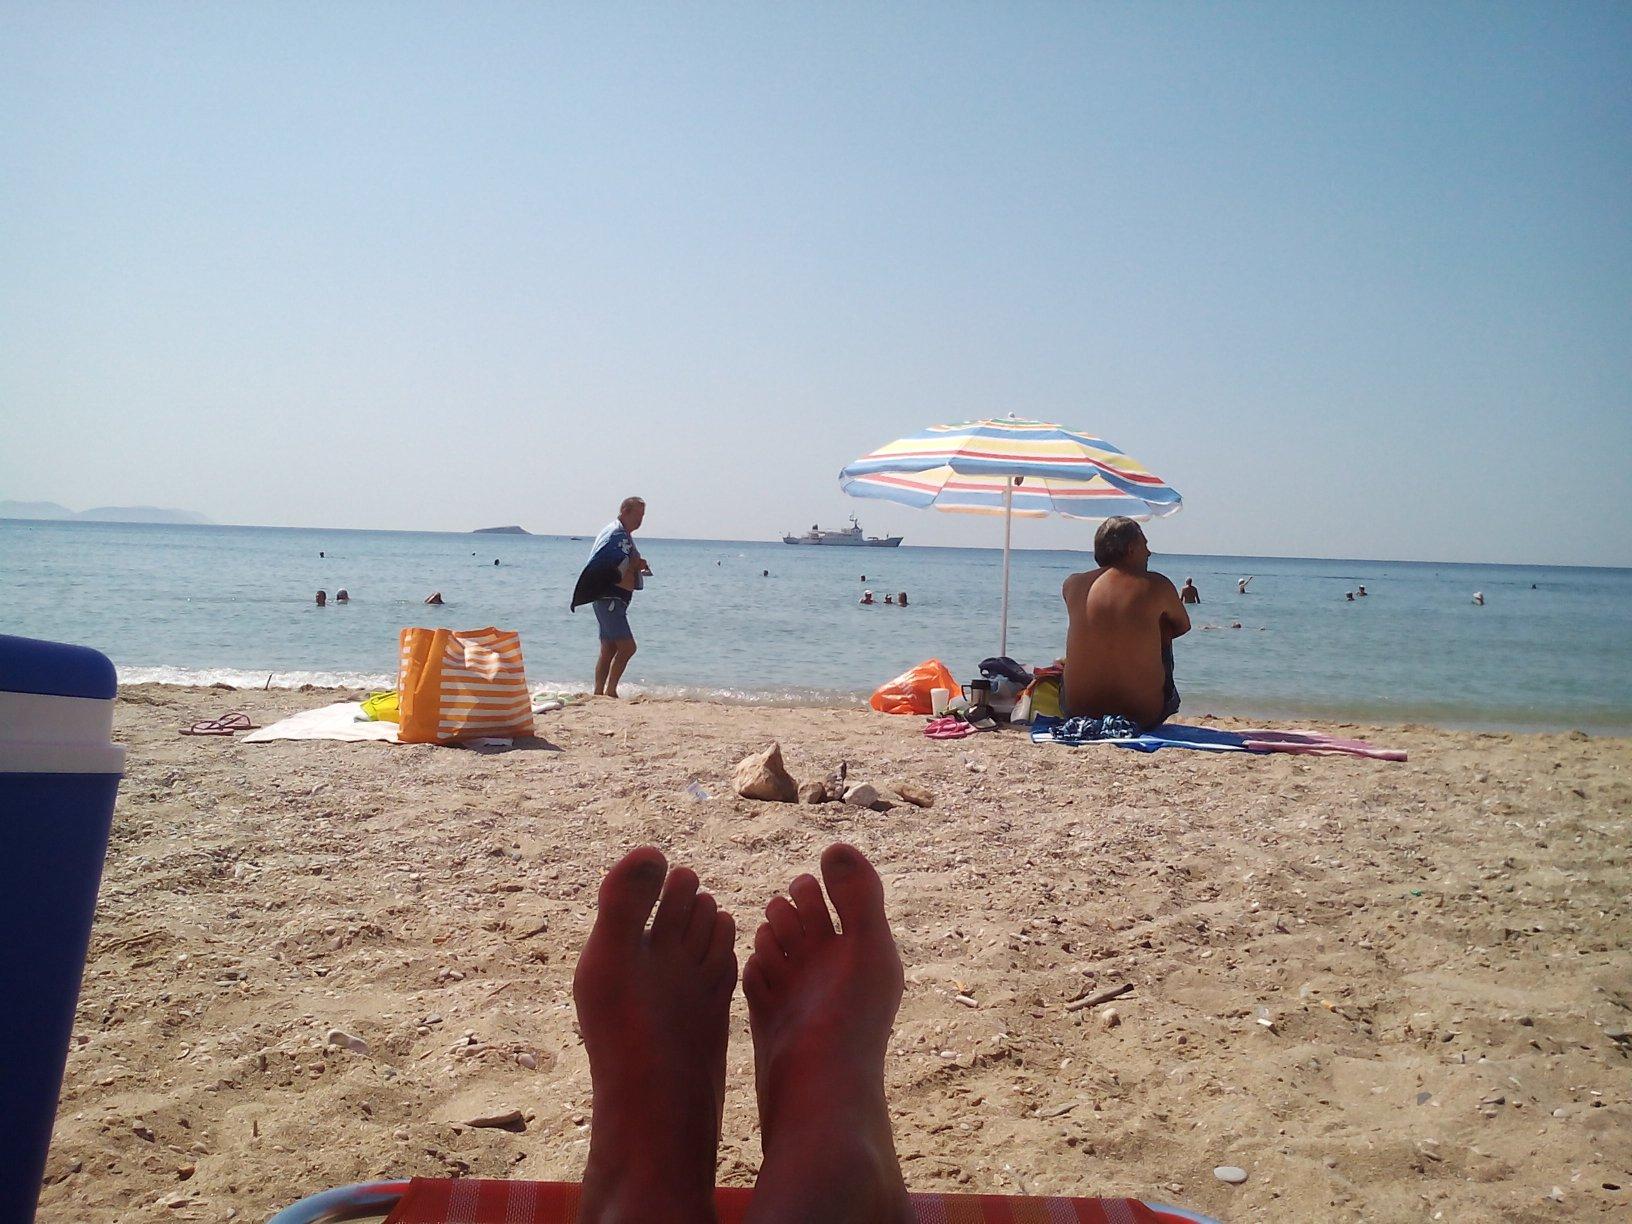 Συνελλήφθη 60χρονη που έκλεβε τσάντες στην παραλία της Βάρκιζας!